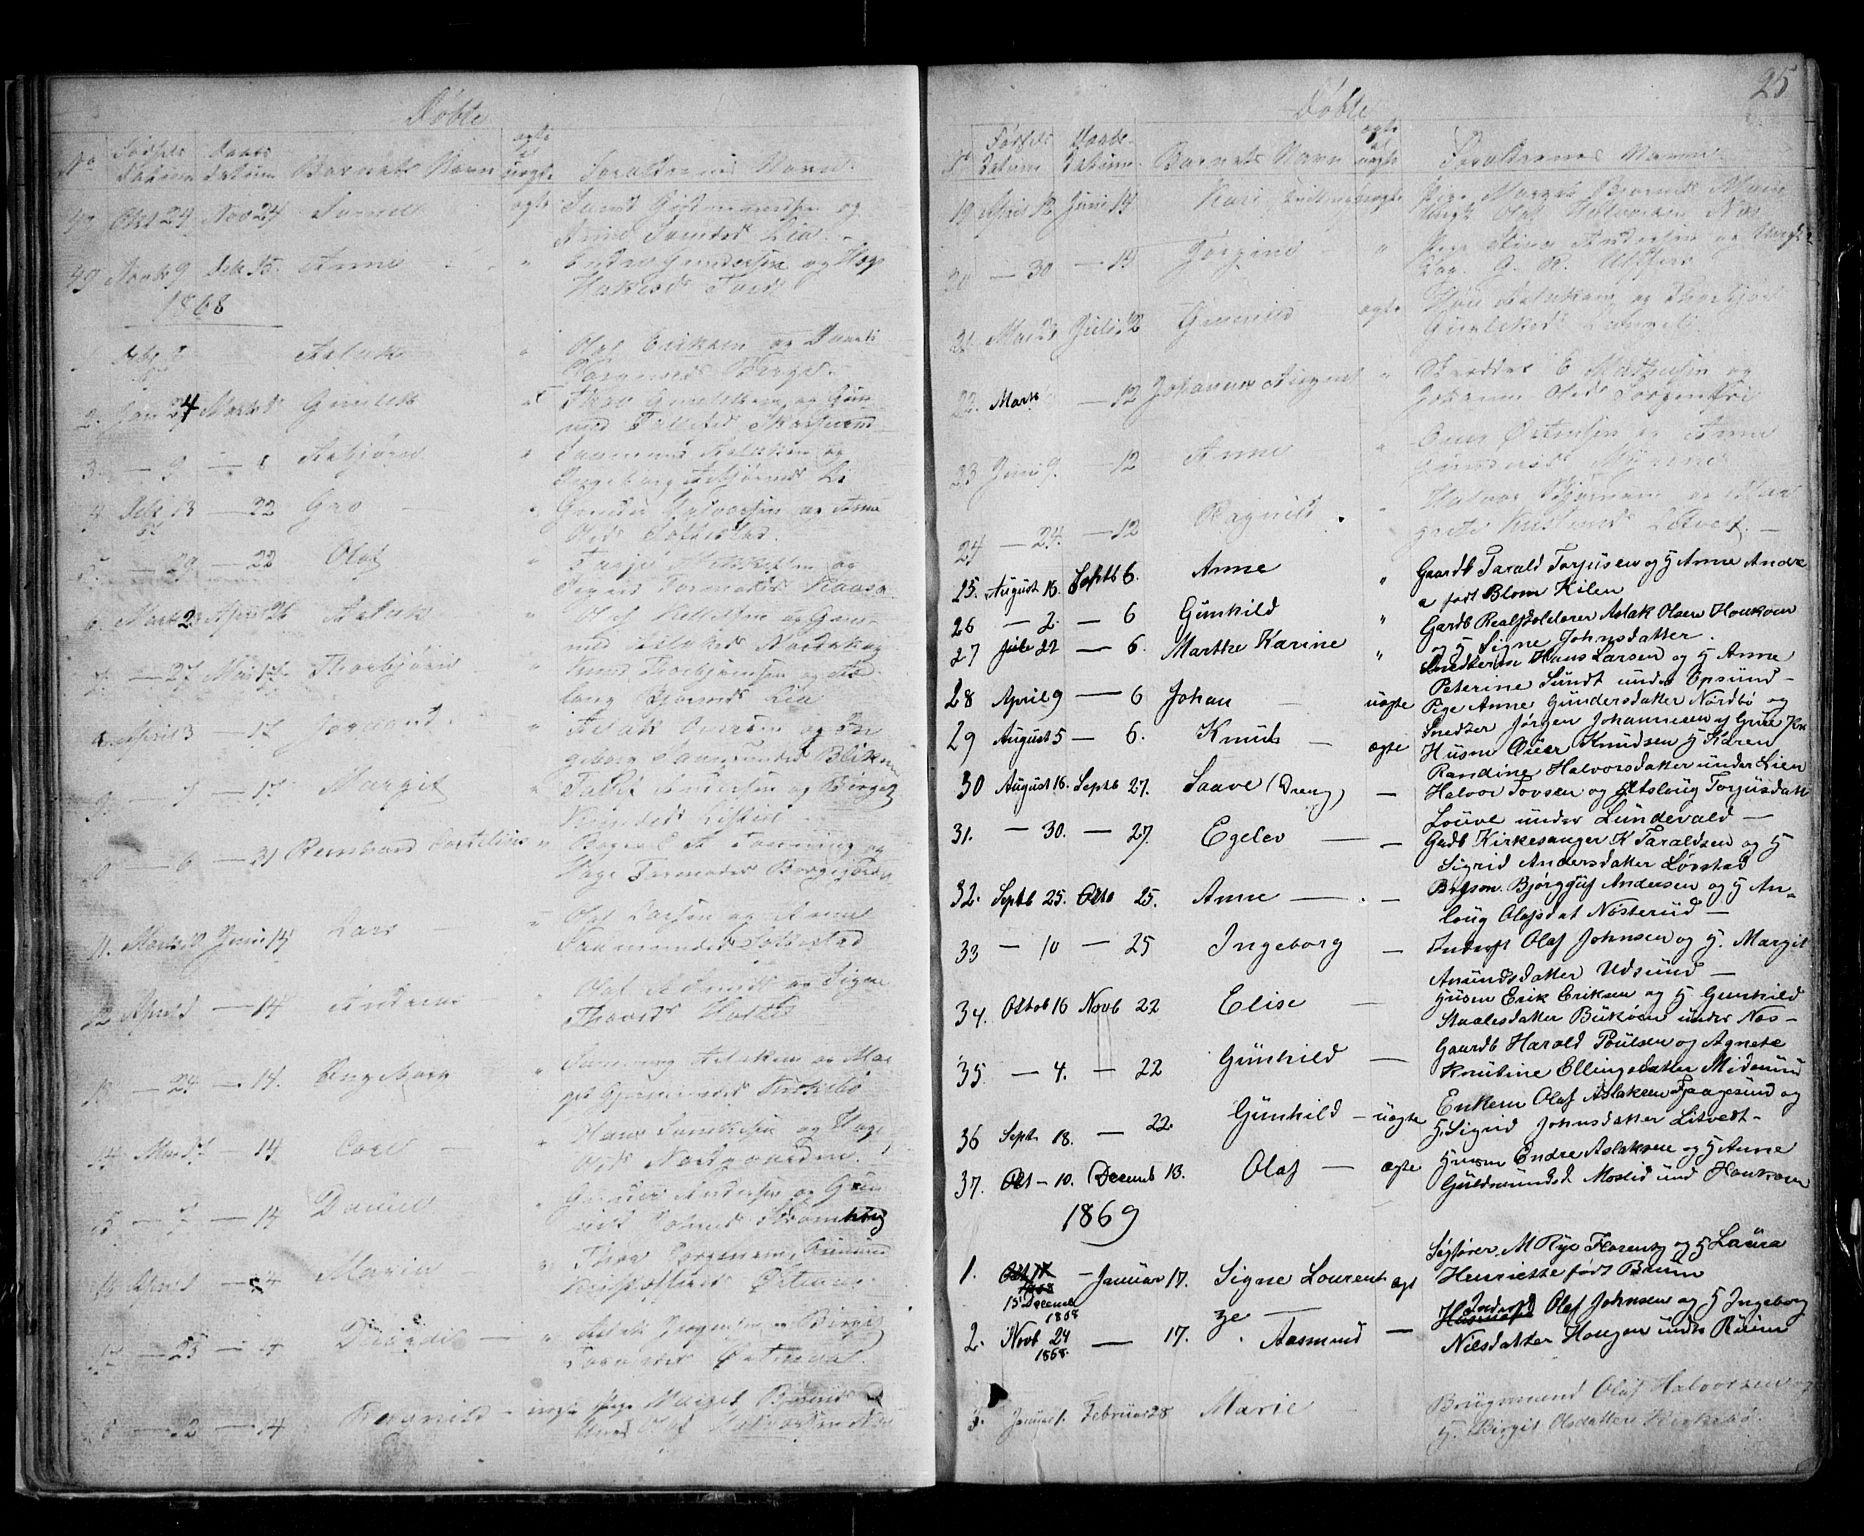 SAKO, Kviteseid kirkebøker, G/Ga/L0001: Klokkerbok nr. I 1, 1850-1893, s. 25